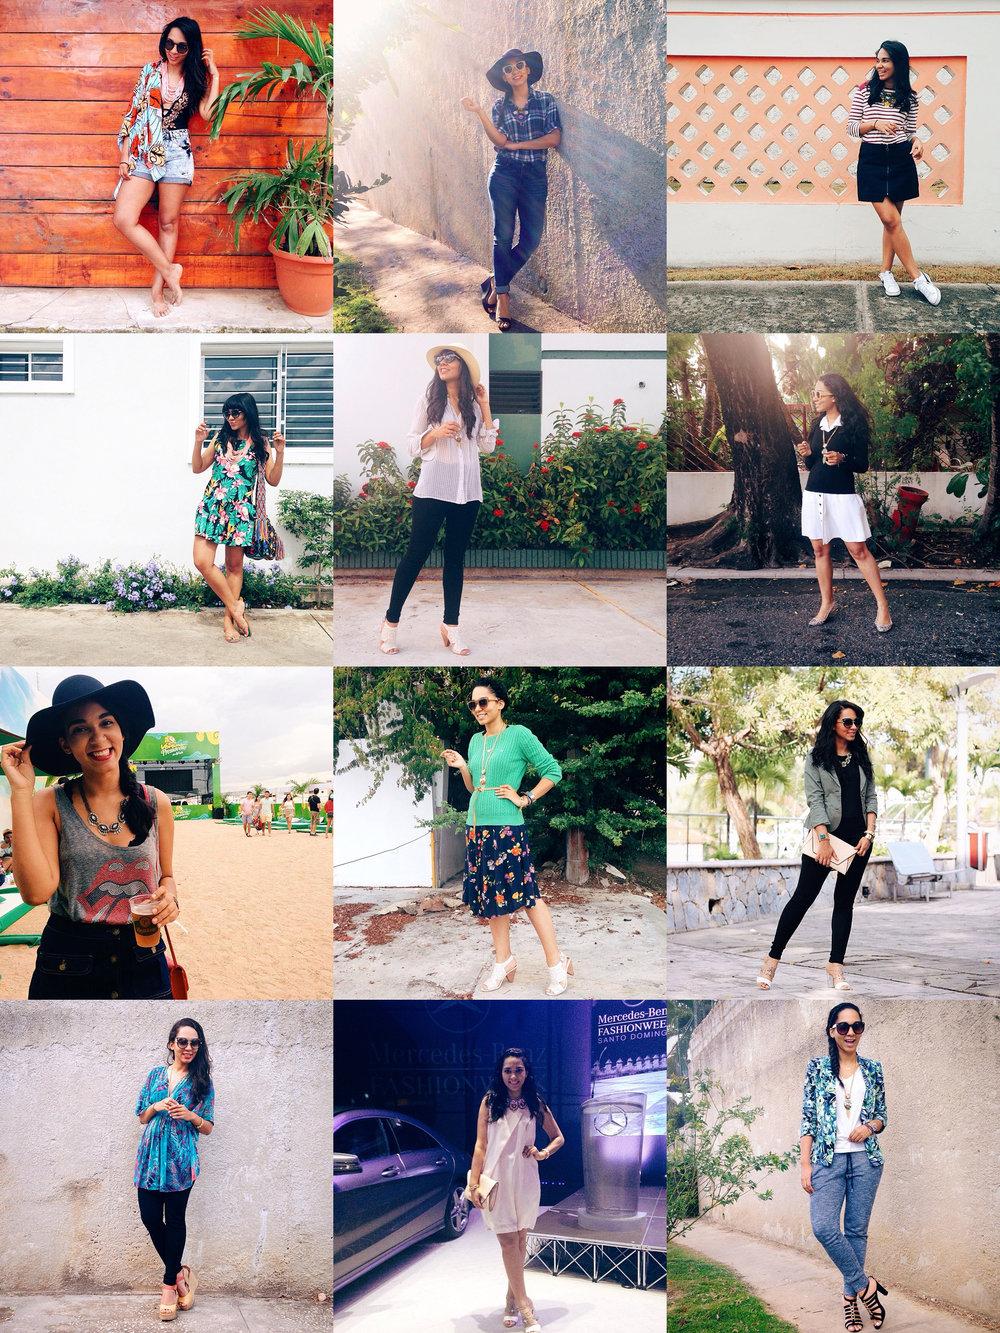 Mis Mejores Looks Y Que Aprendí En El 2015 // ¡Aquí están mis looks favoritos de 2015 y todo lo que he aprendido que me sigue ayudando a mejorar en todos los sentidos!